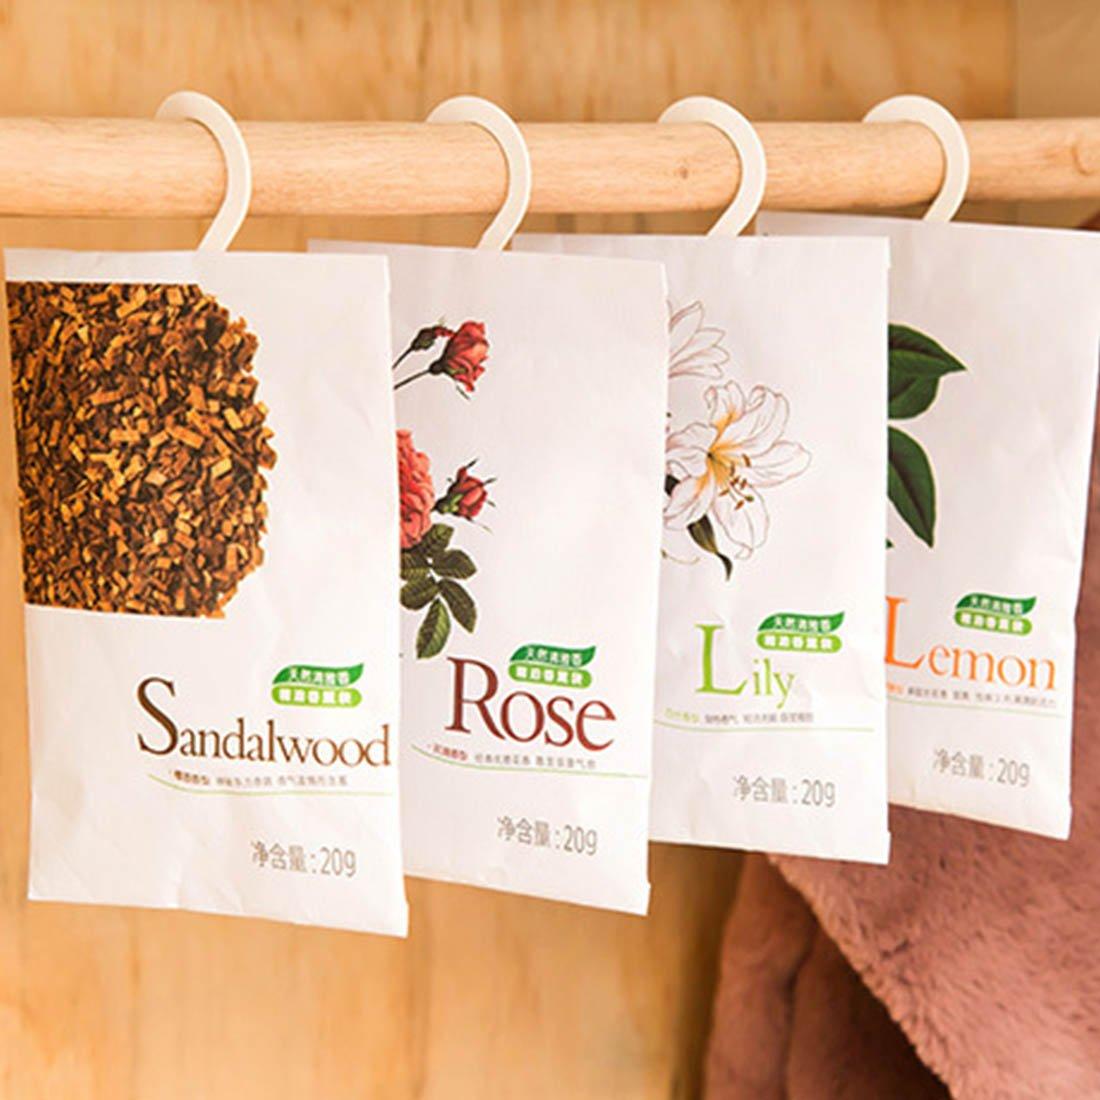 Túi thơm để tủ quần áo toàn mùi dễ chịu giá lại rẻ bèo, sắm cả lố về dùng dần chị em ơi - Ảnh 6.